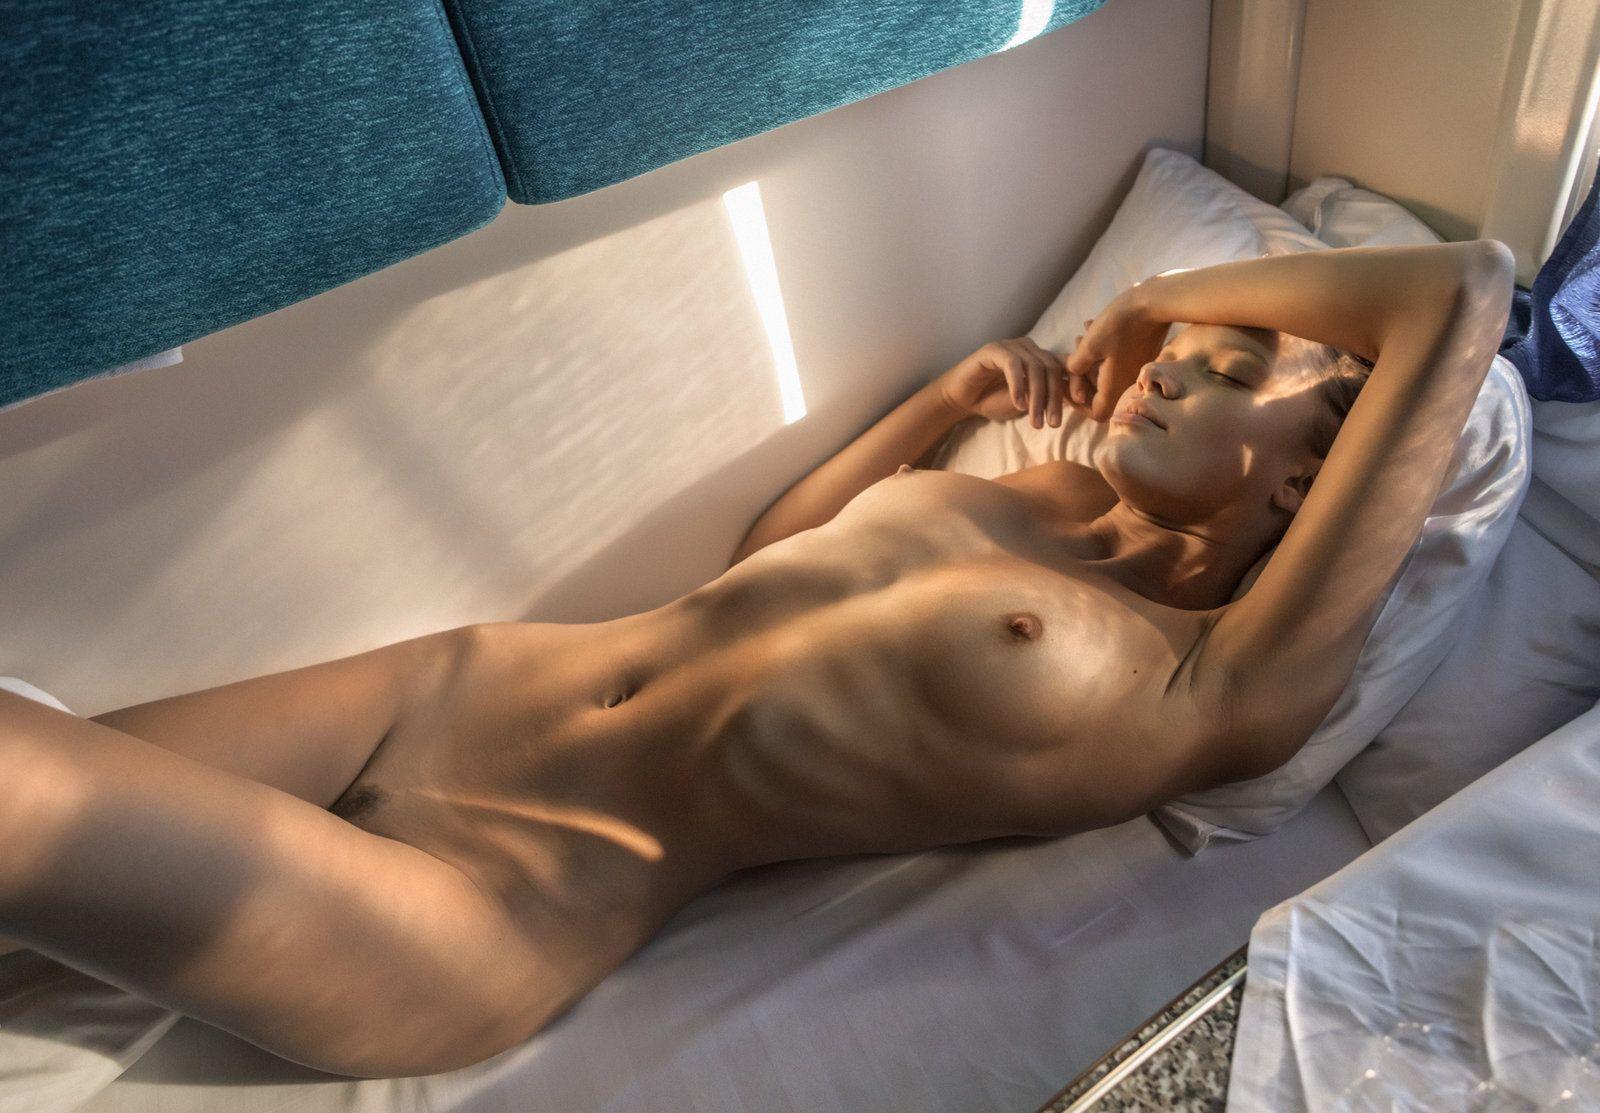 krasiviy-seks-s-krasivoy-blondinkoy-v-tualete